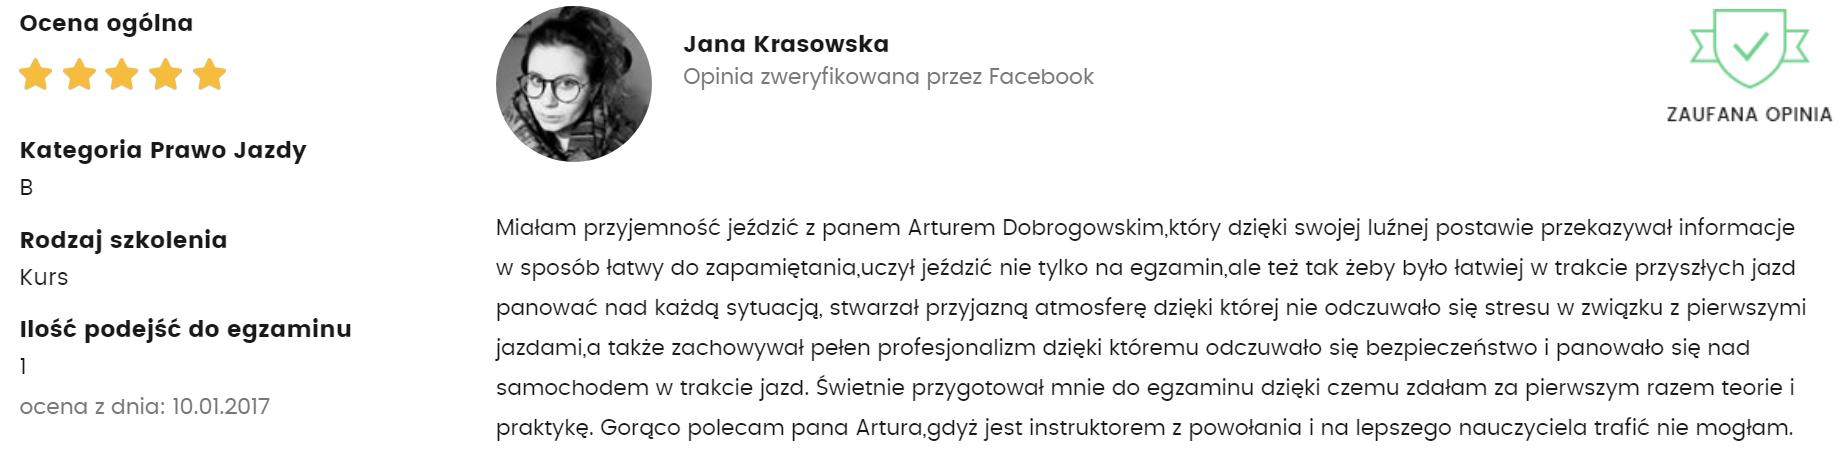 jana krasowska